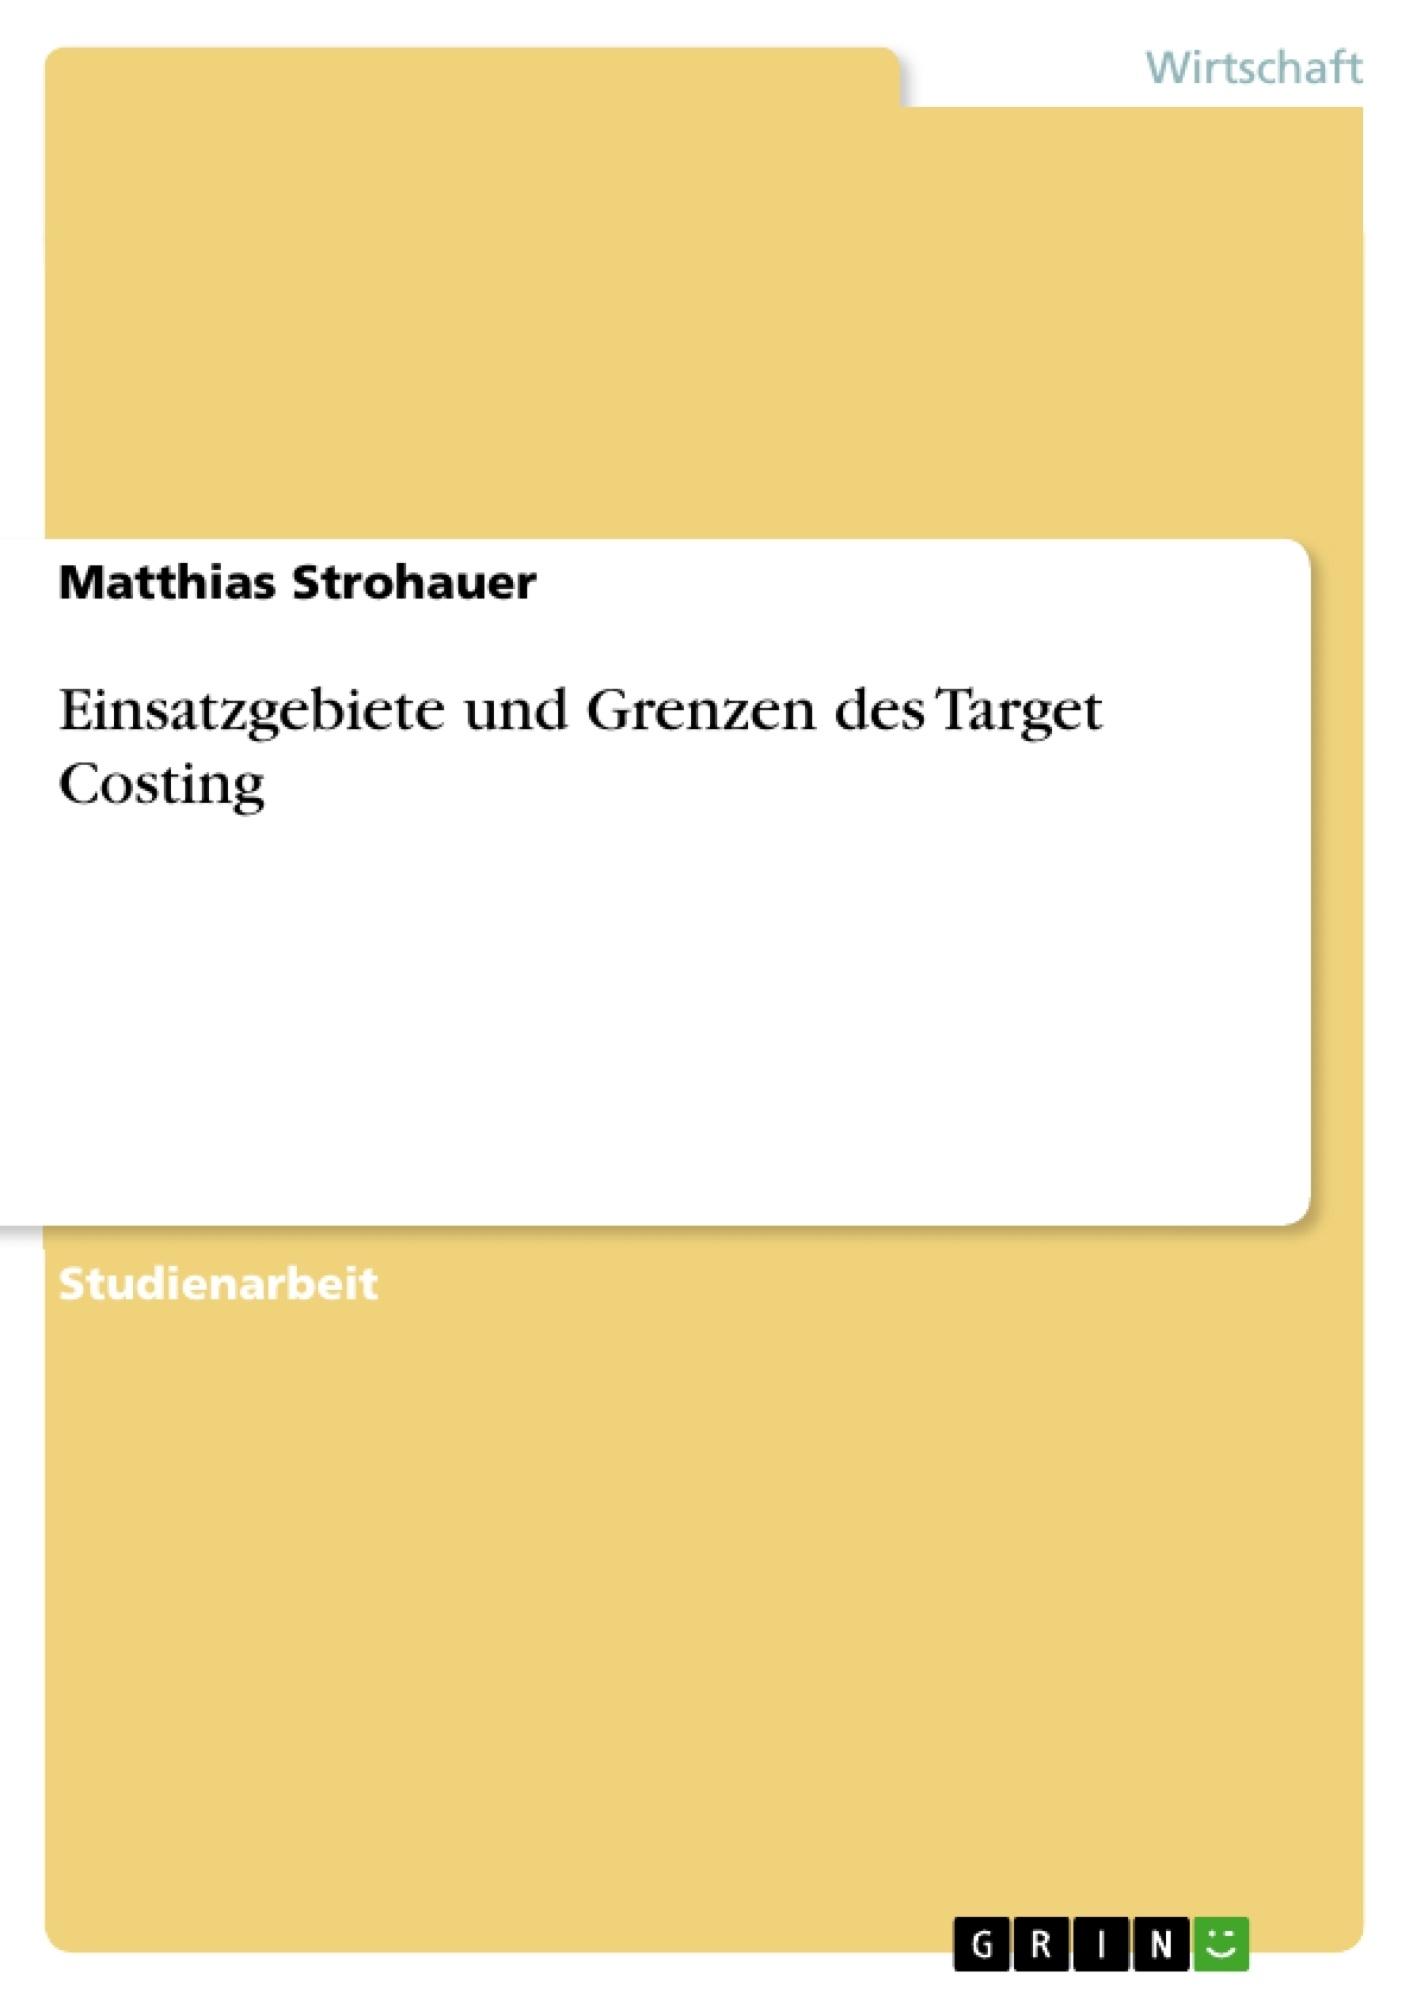 Titel: Einsatzgebiete und Grenzen des Target Costing